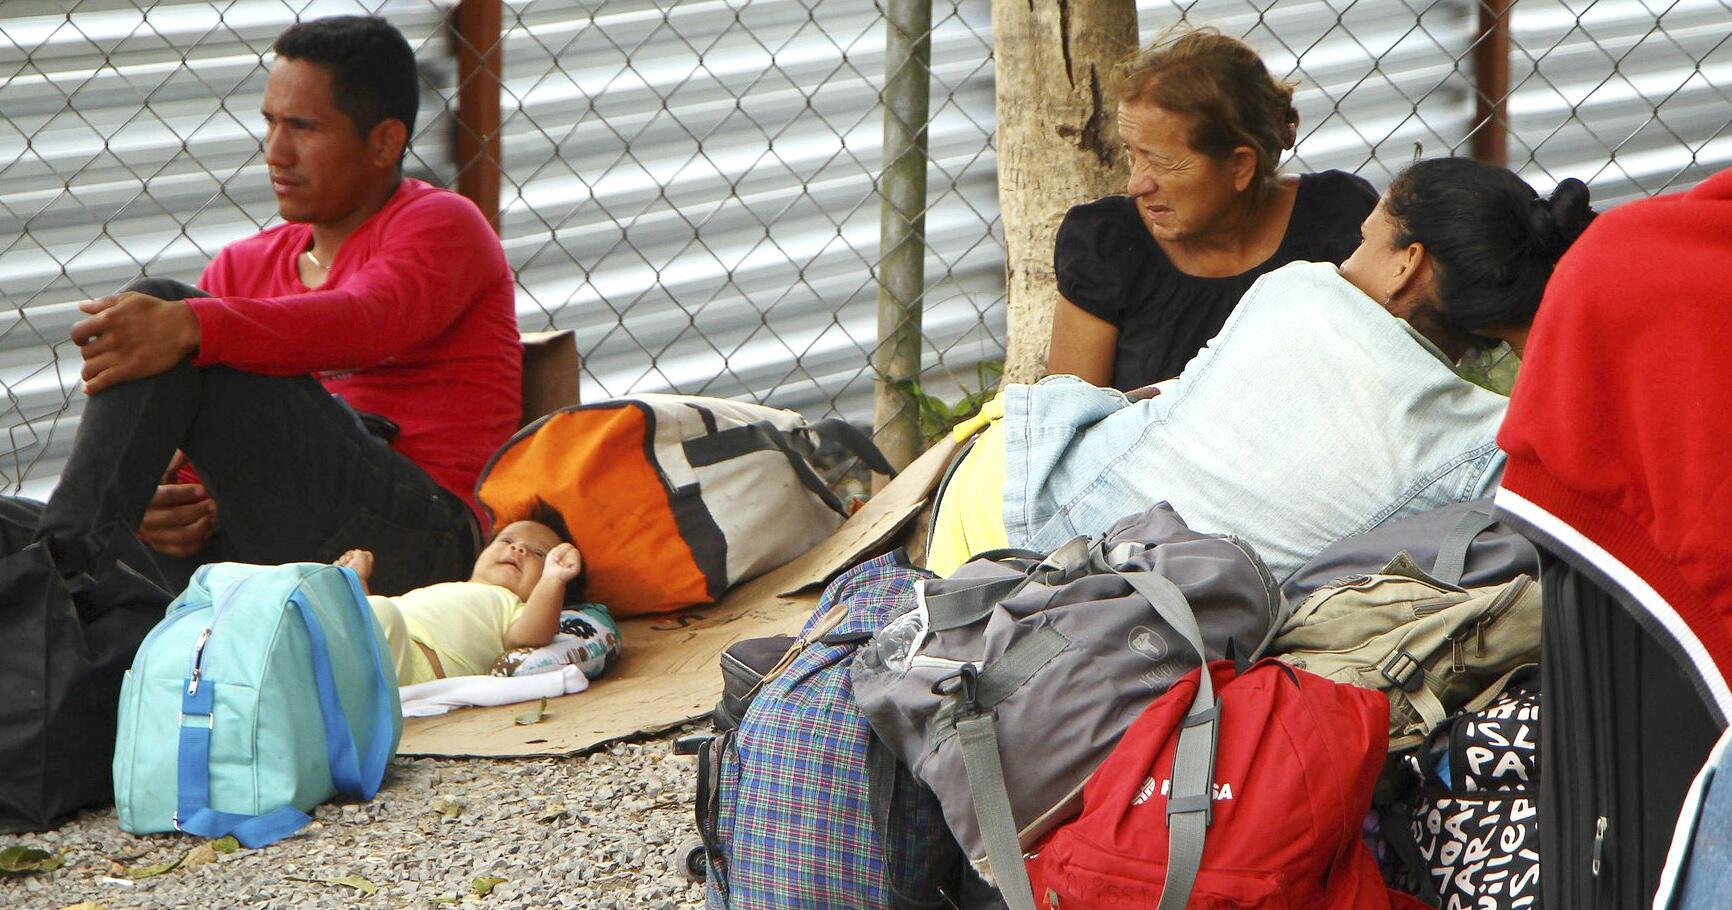 Bild zu Venezolanische Flüchtlinge verlassen Brasilien nach Übergriffen